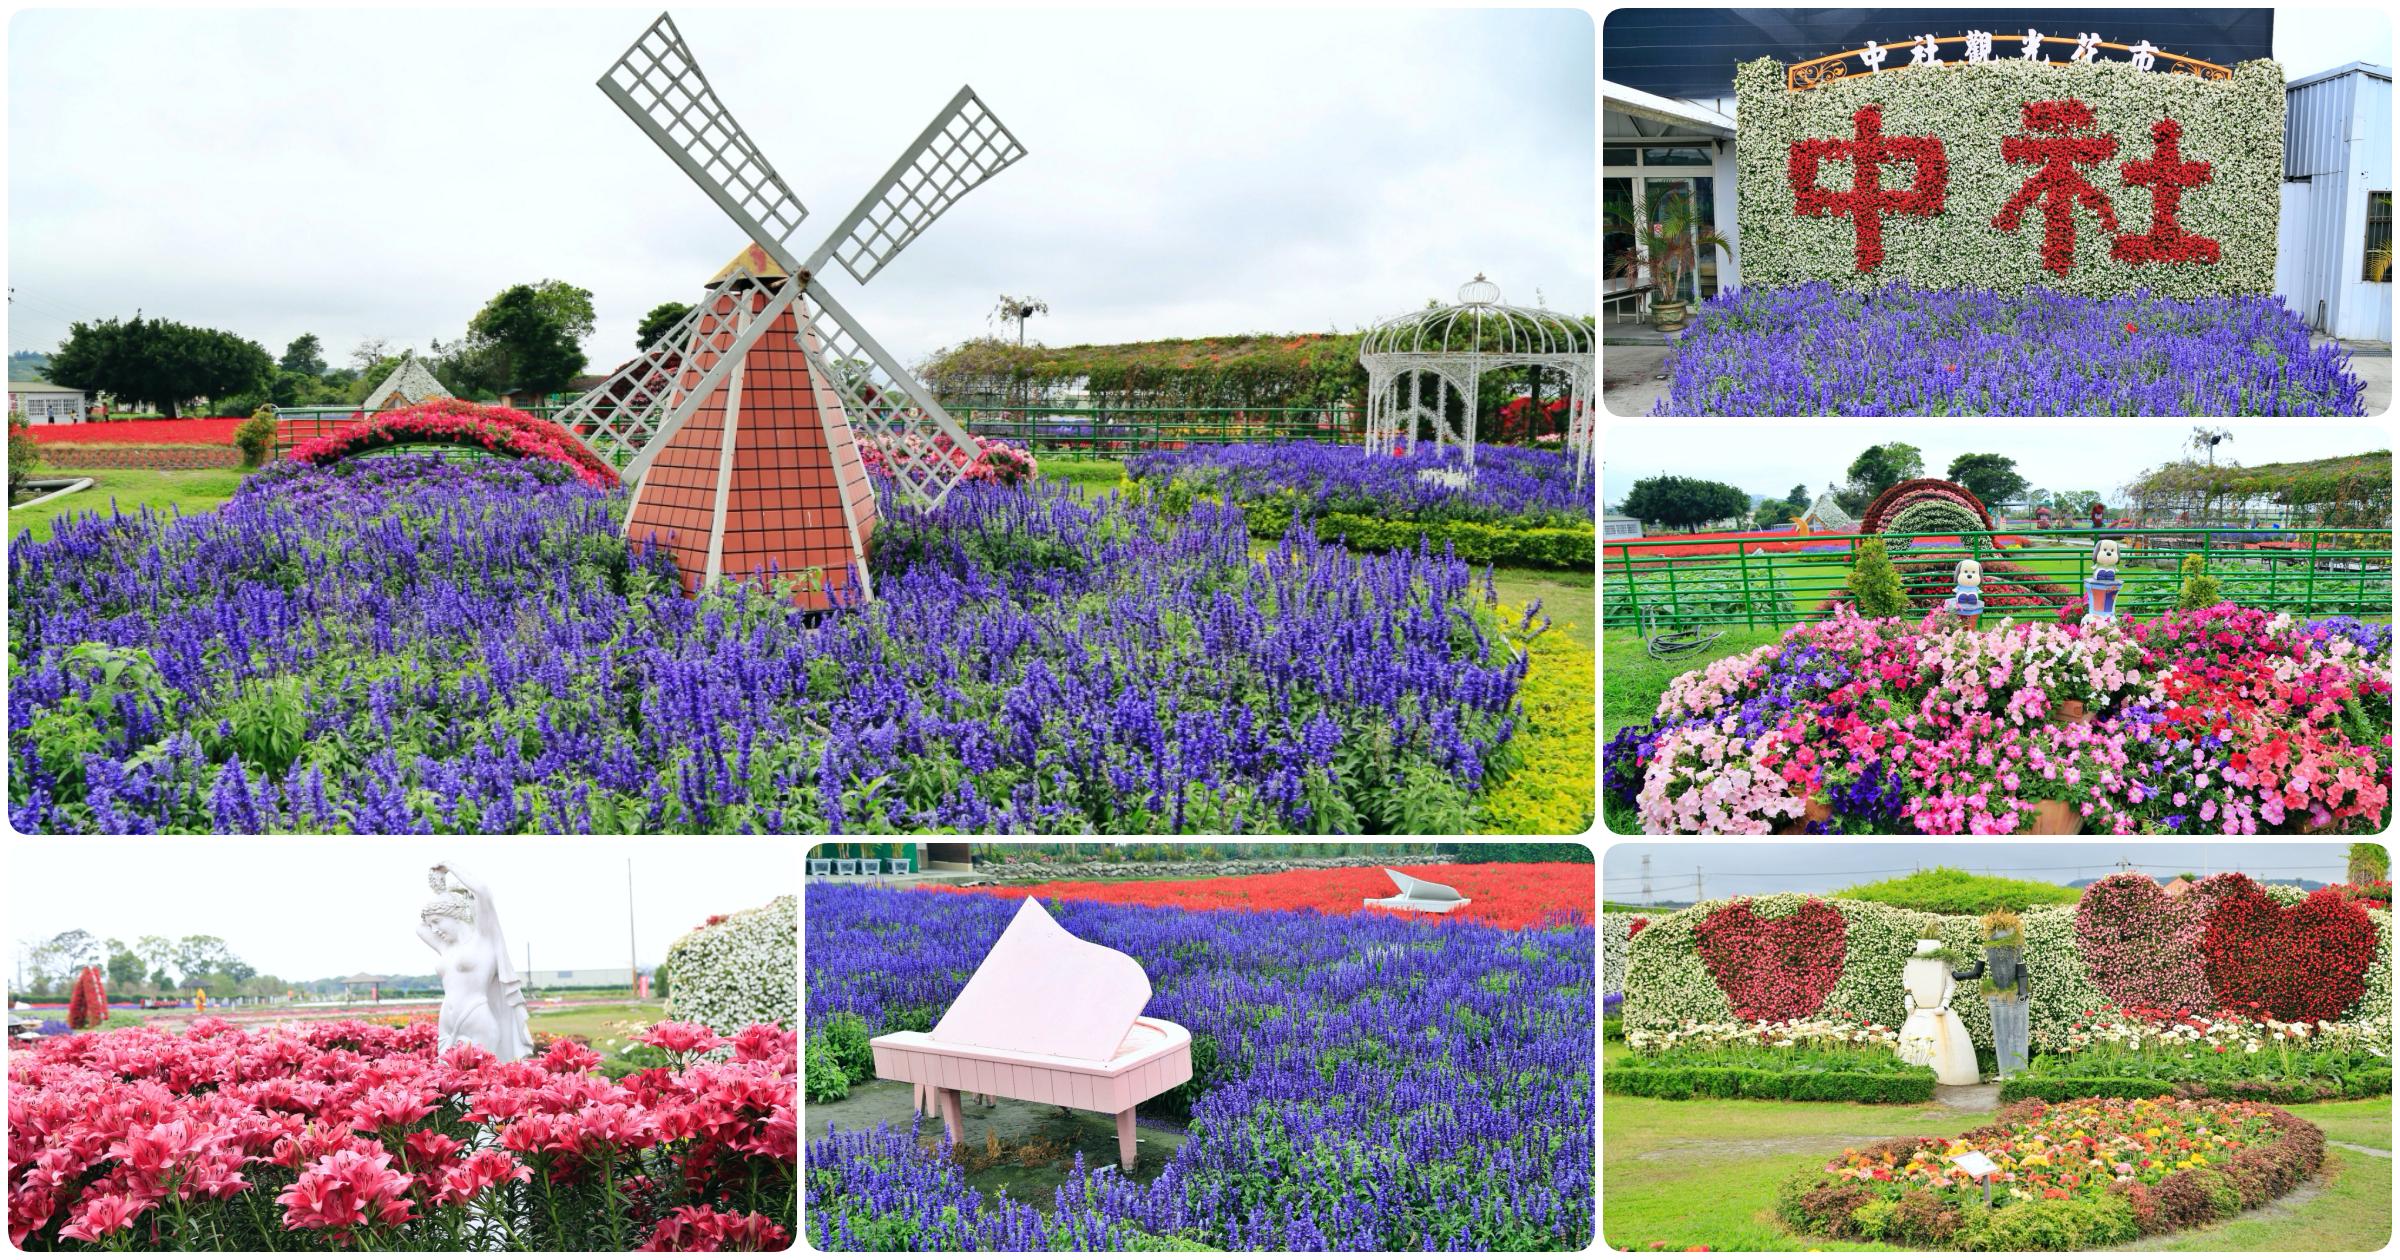 網站近期文章:[台中旅遊]中社觀光花市花海|歐式花園造景~一年四季會有不同的花朵盛開.很適合拍照的景點